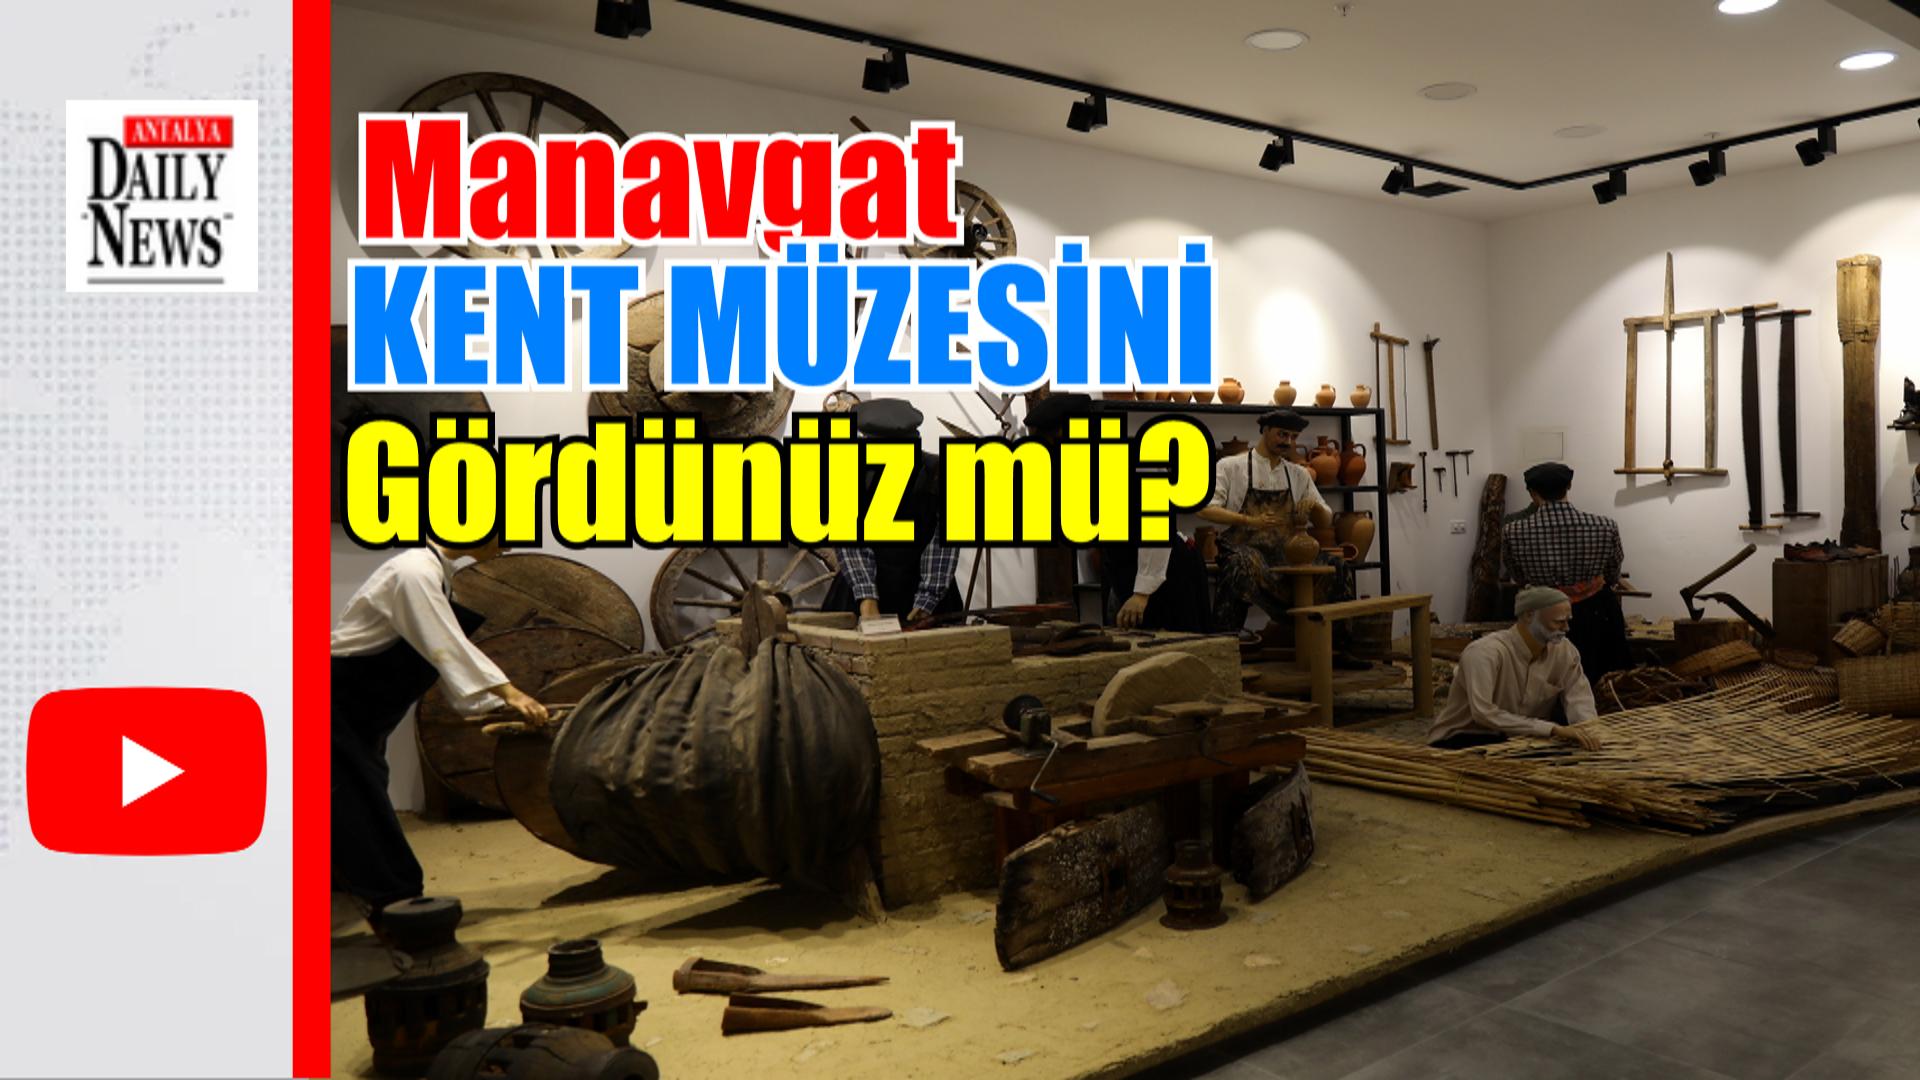 Manavgat Kent Müzesi